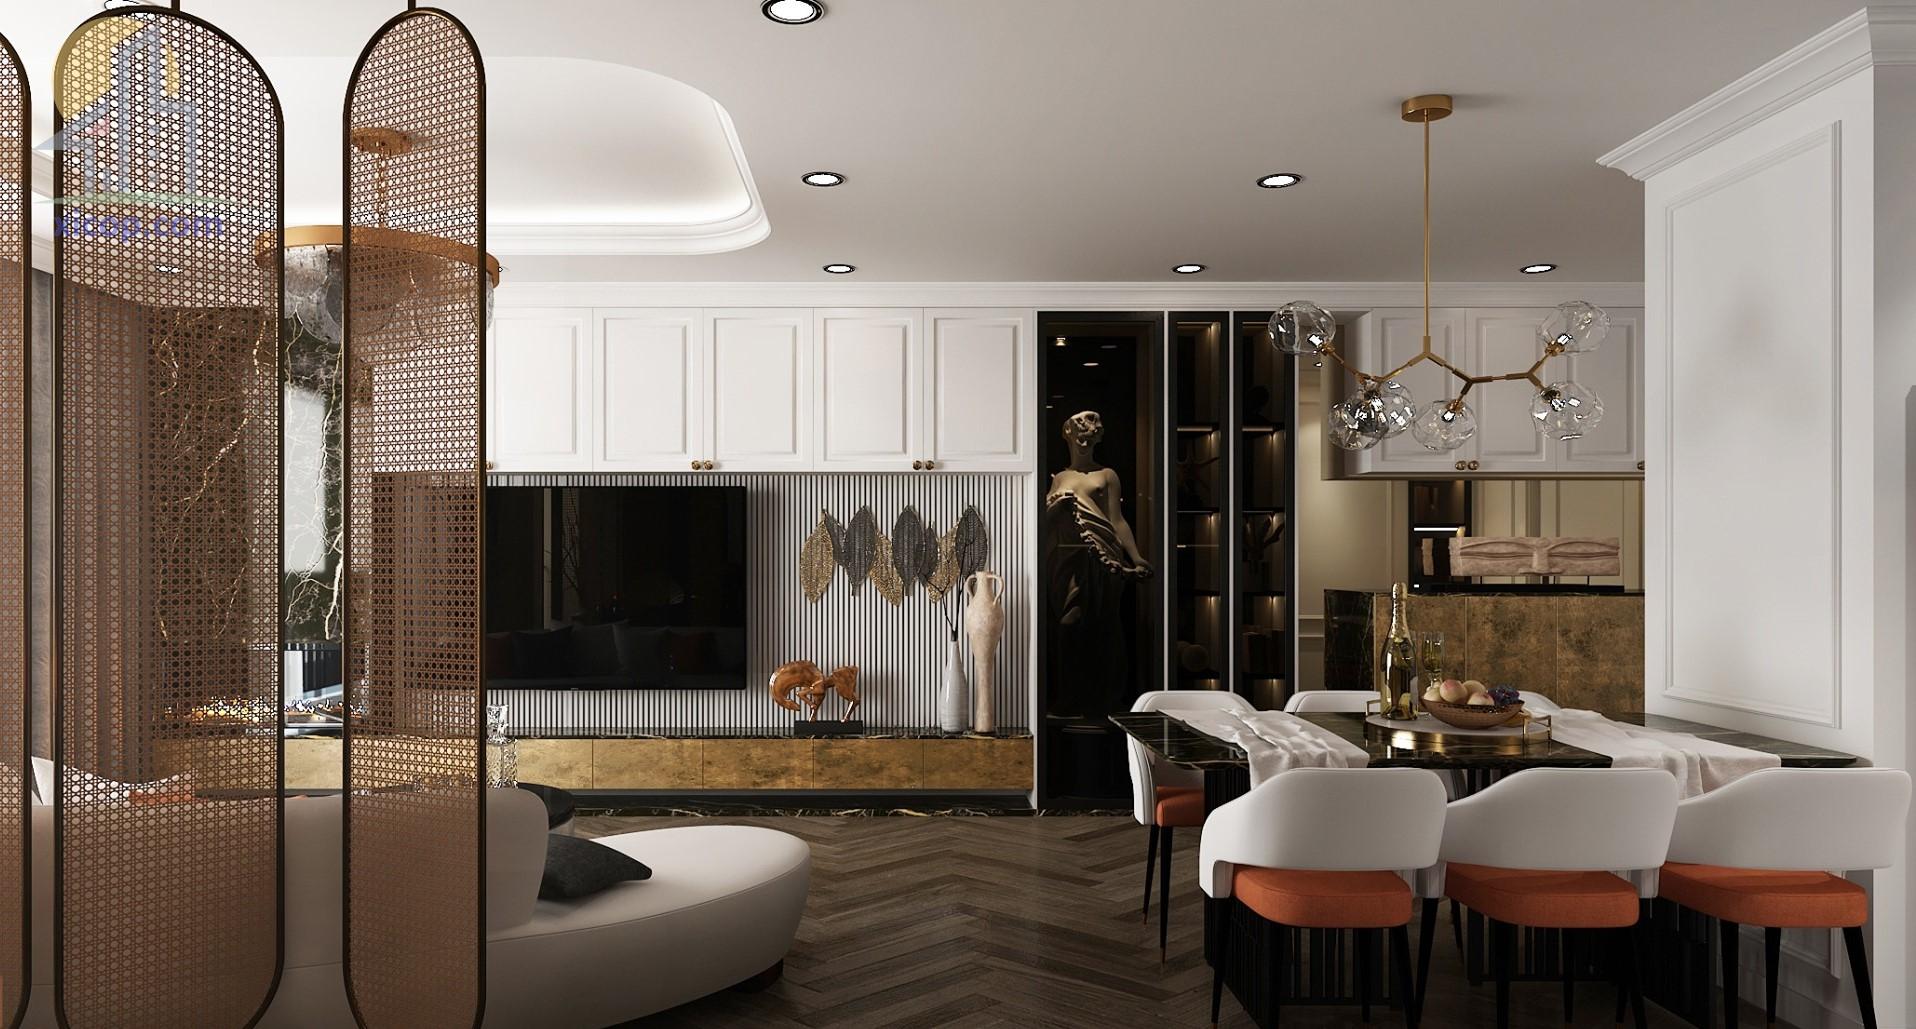 Thiết kế nội thất chung cư đẹp hiện đại, phòng khách, phòng ngủ số 1